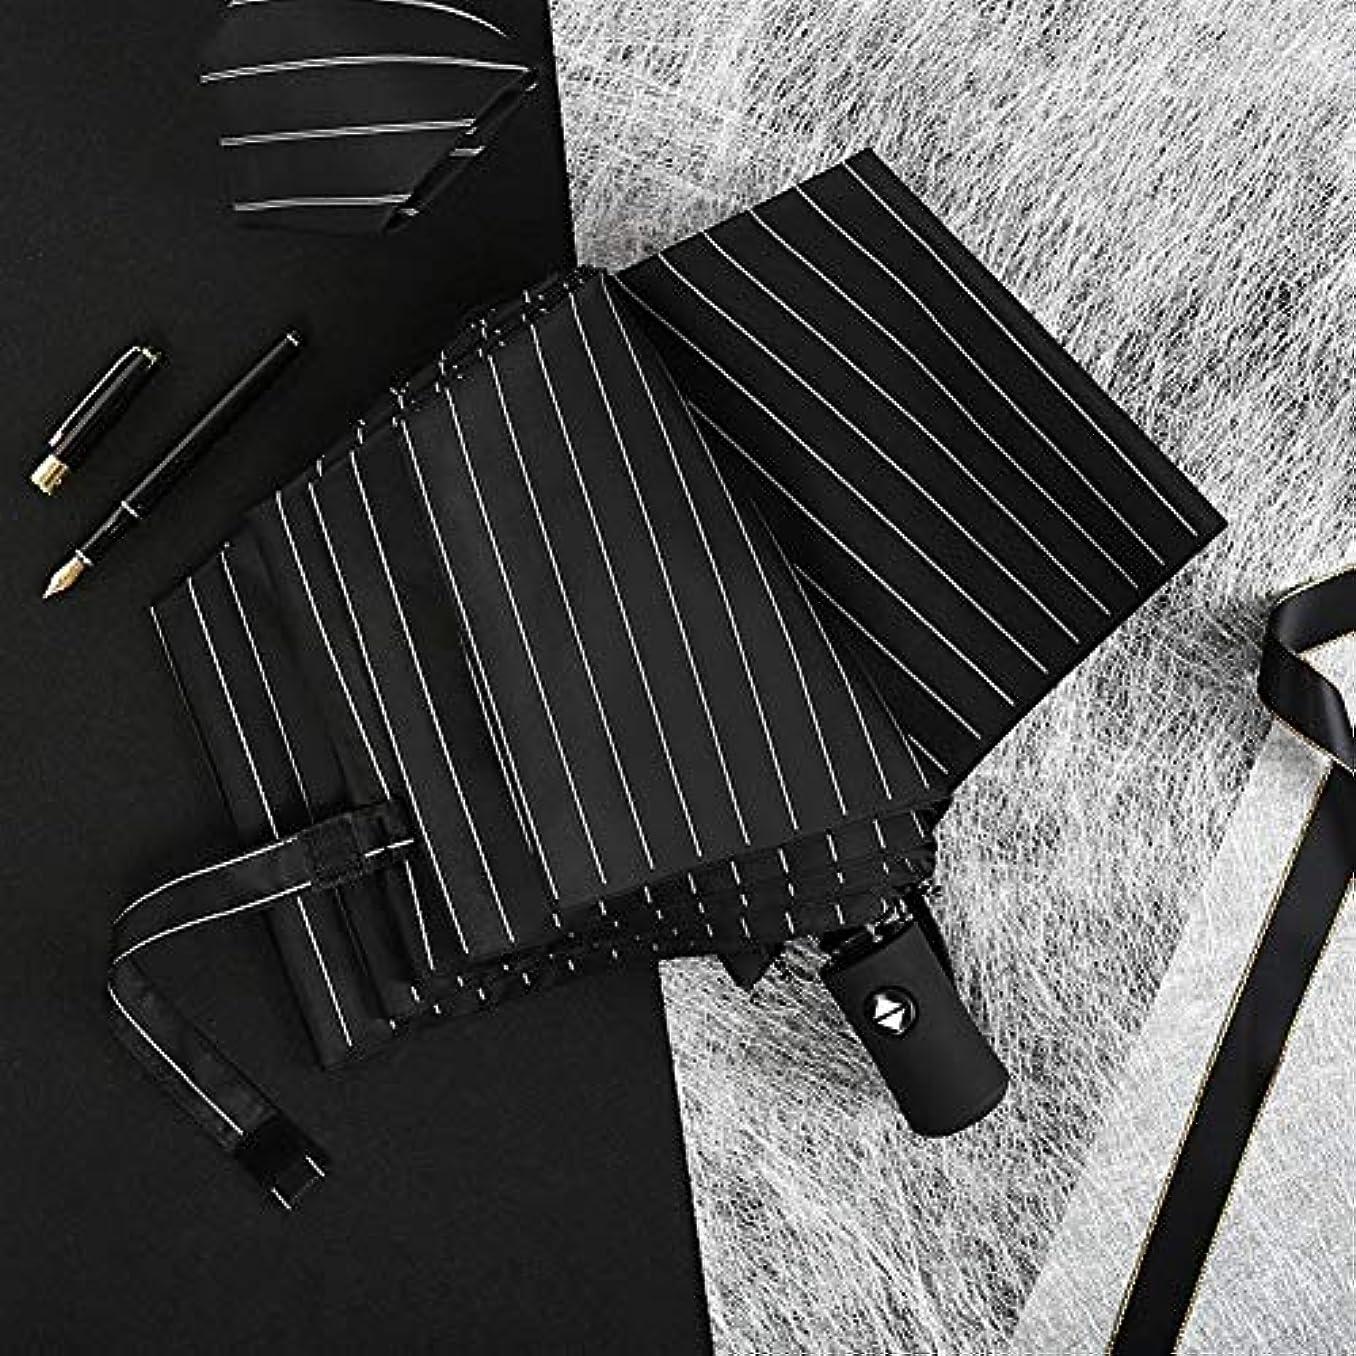 責金額腹部YWSCXMYLDL-JP 男性と女性のためのマルチカラーファッションシンプルな自動黒いプラスチック日焼け止めUV保護折りたたみ傘 雨と雨傘 (Color : 23in AA19, Size : 23)